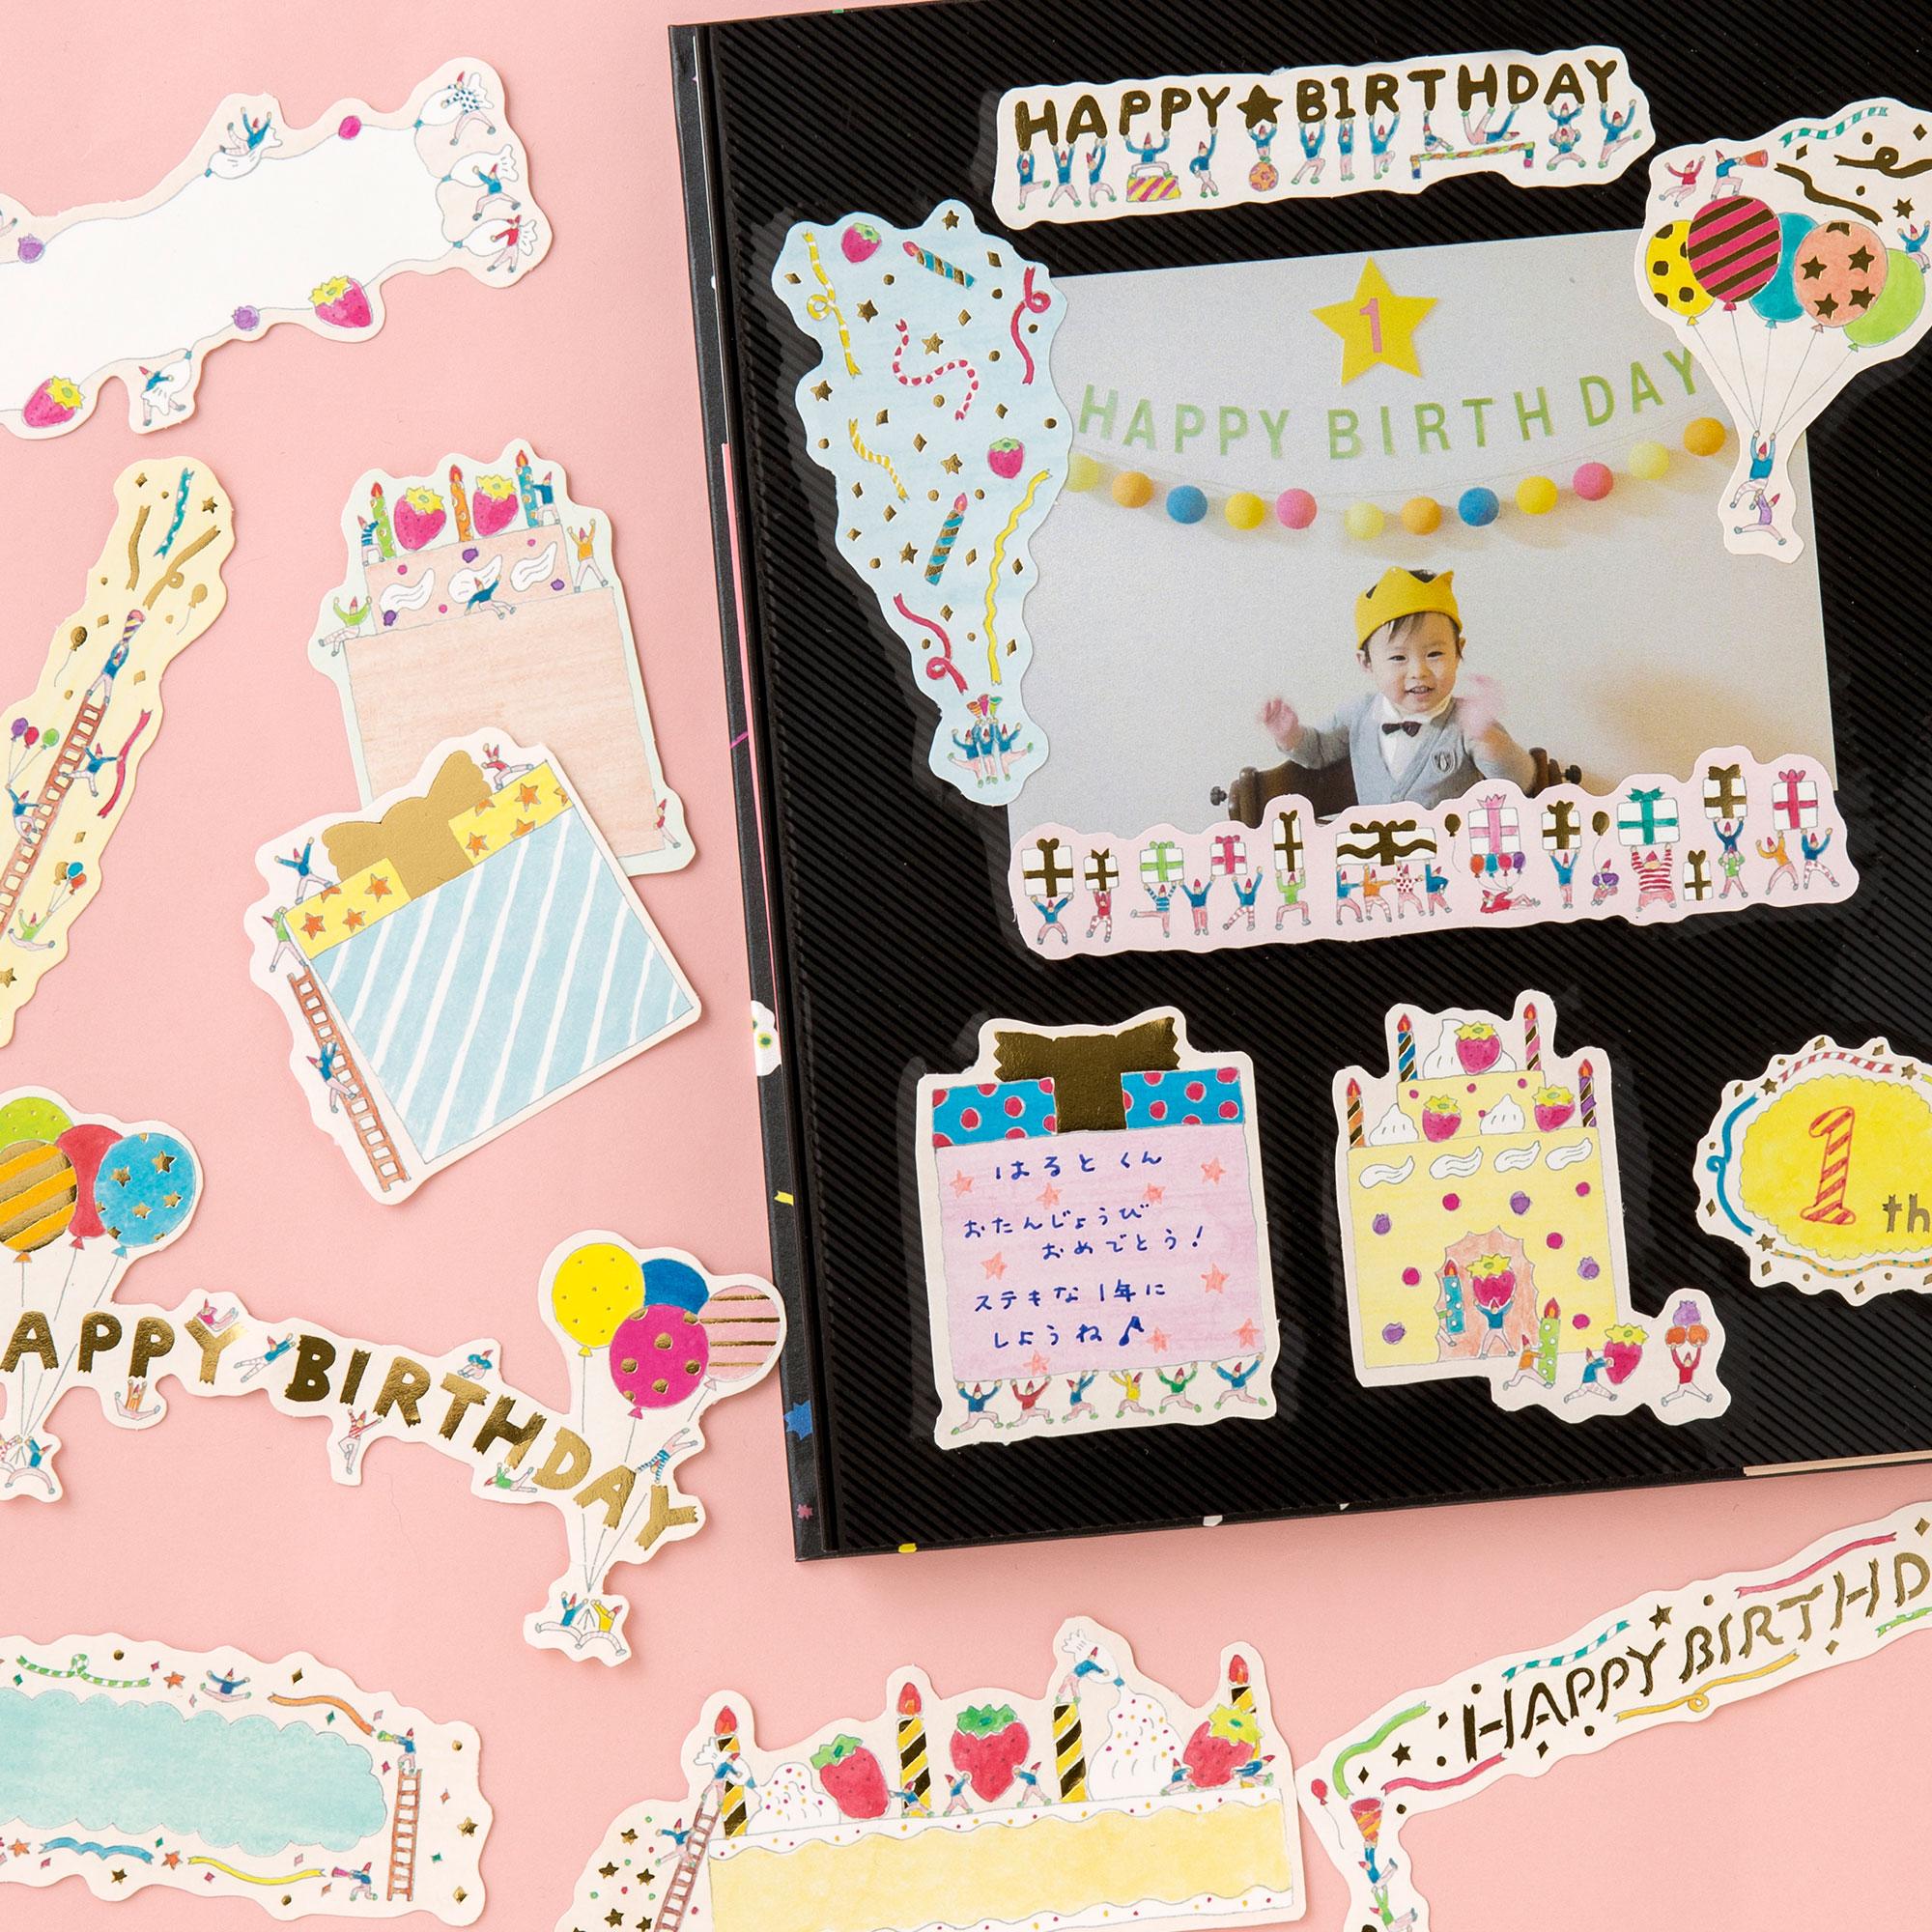 アルバムに貼り付けデコレーション☆結婚式・ウェディングシーン・誕生日・送別・記念日にかわいいアルバム